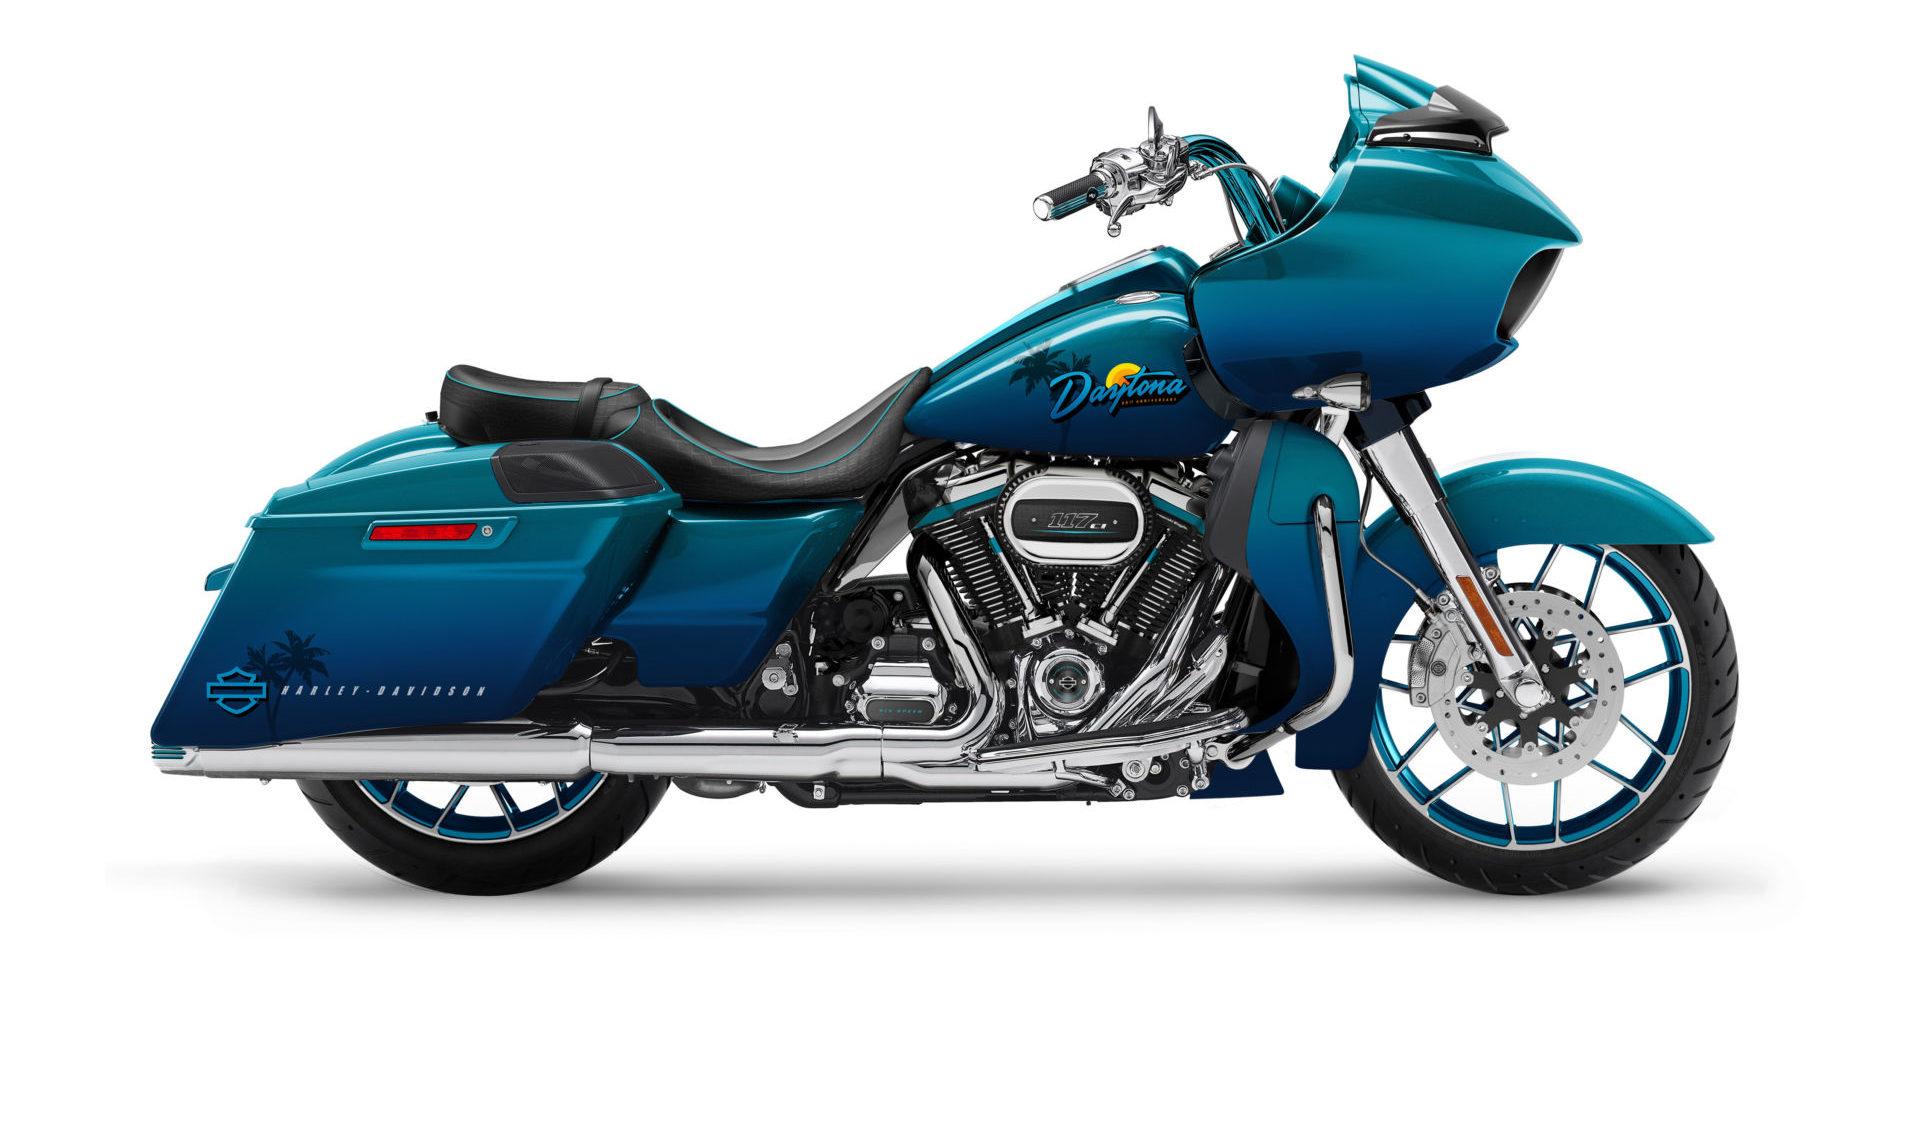 The grand prize in Harley-Davidson's